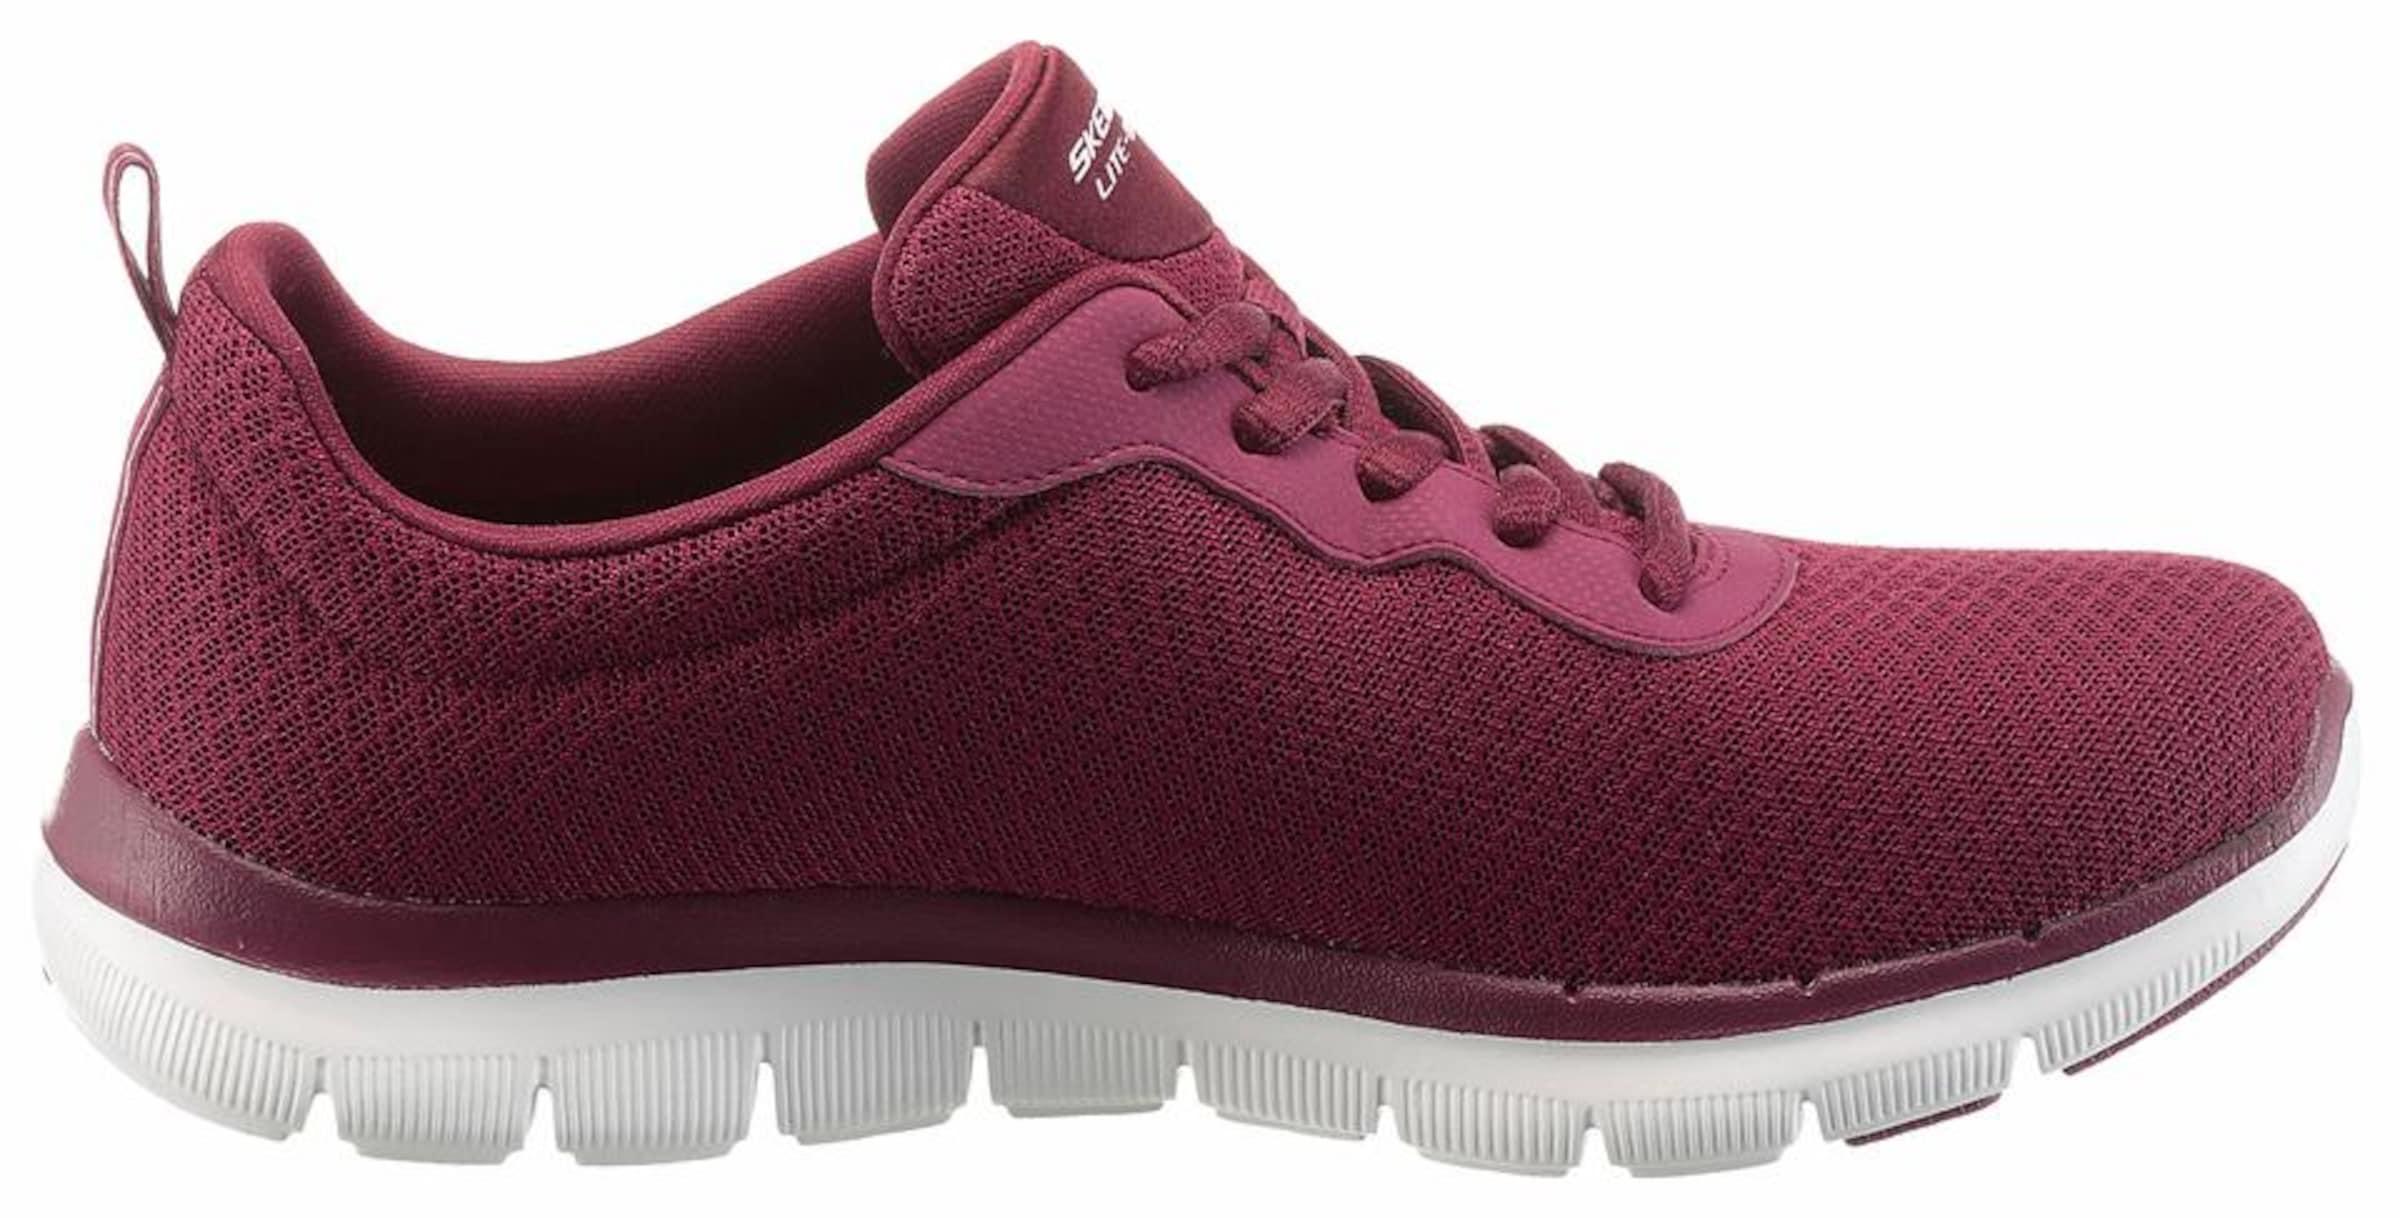 SKECHERS Sneaker 'FlexAppeal 2.0 Newsmaker' Billige Eastbay 0jgUeMHe